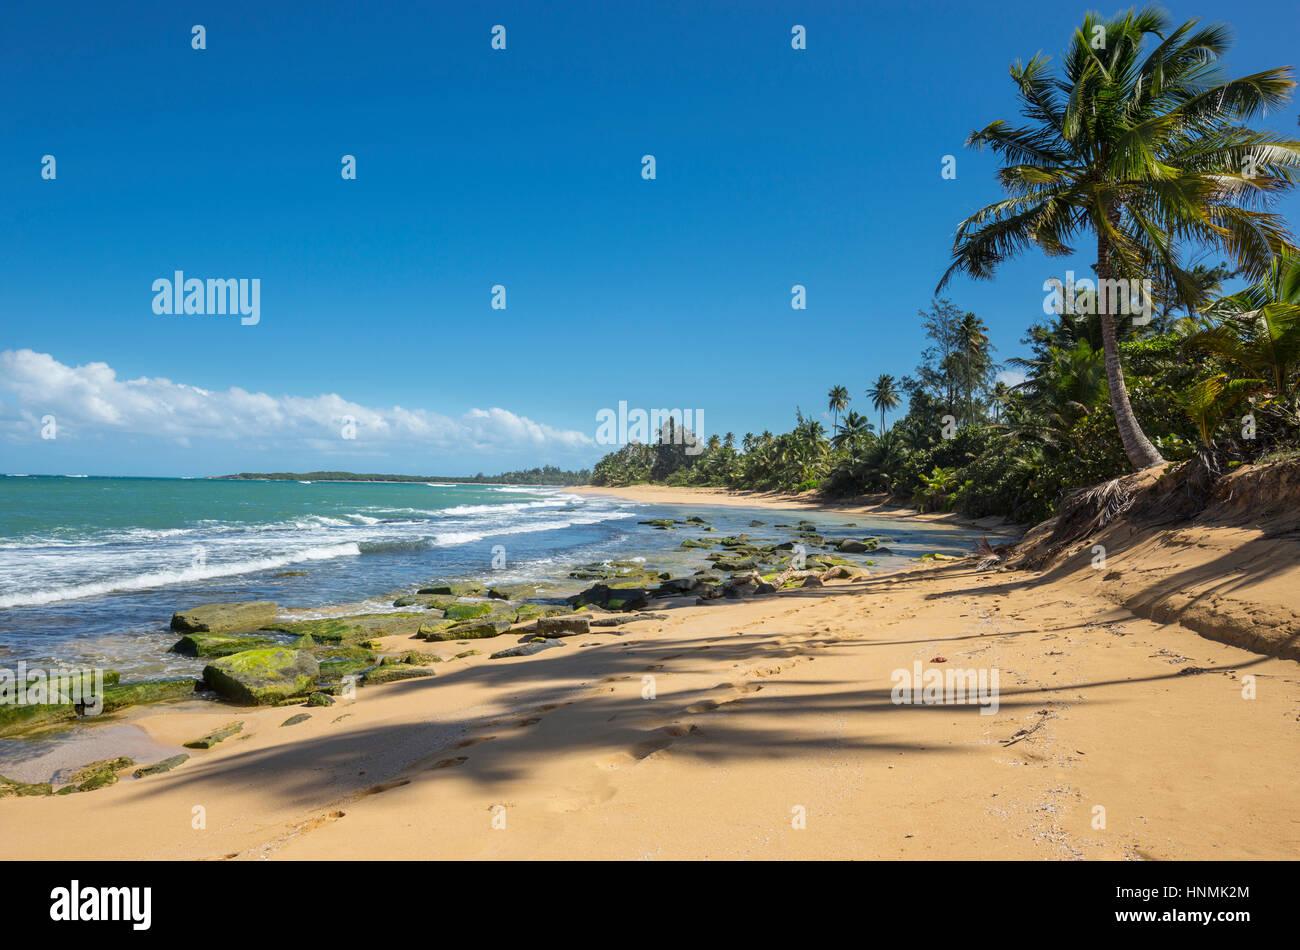 EXPOSED ROCKS PLAYA PINONES BEACH LOIZA PUERTO RICO - Stock Image